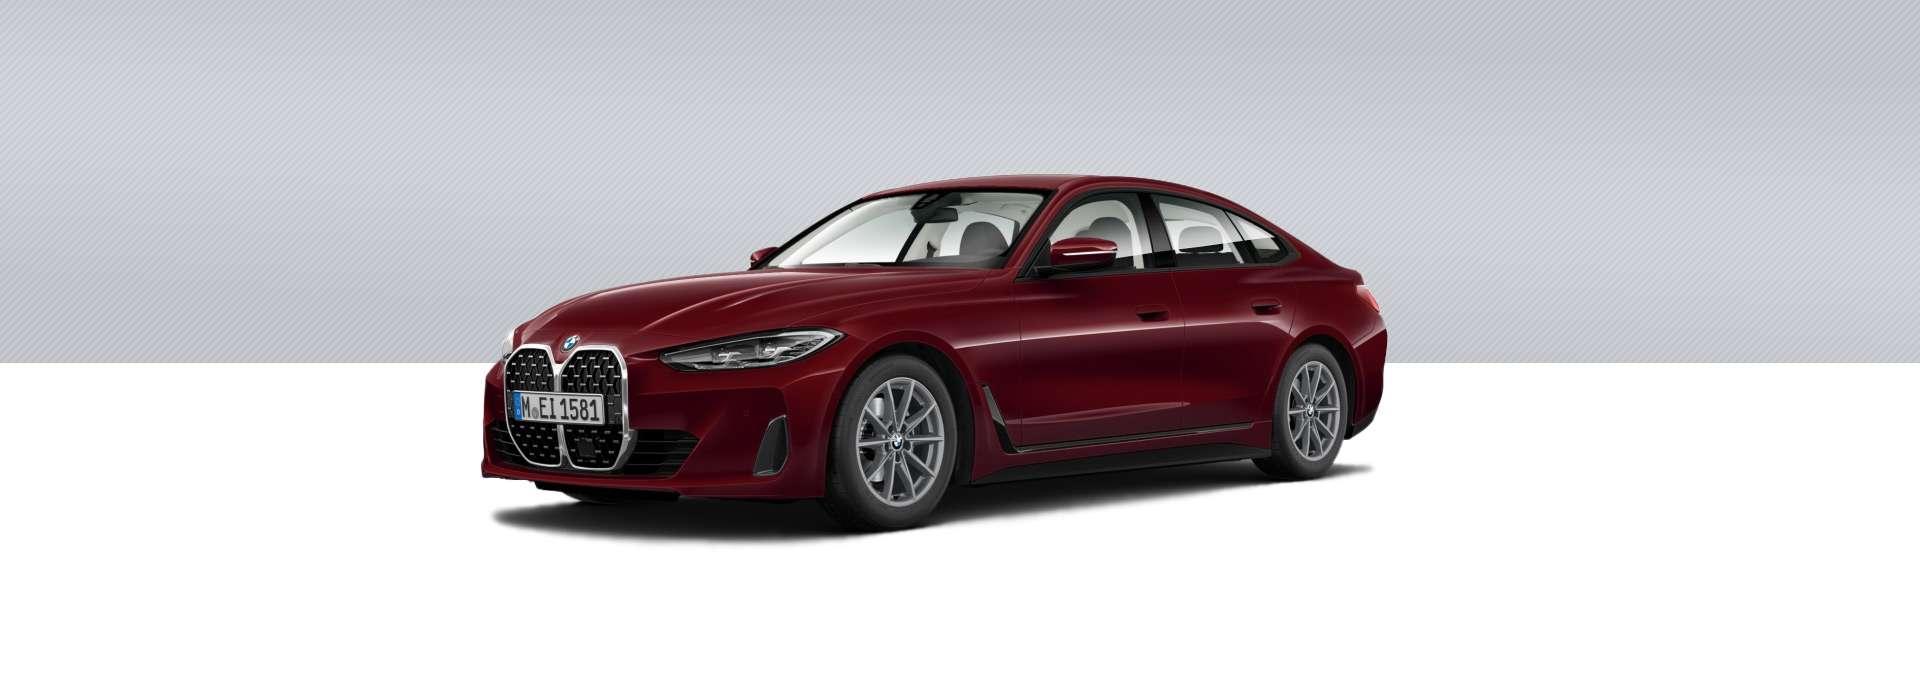 BMW Nuevo Serie 4 Gran Coupé